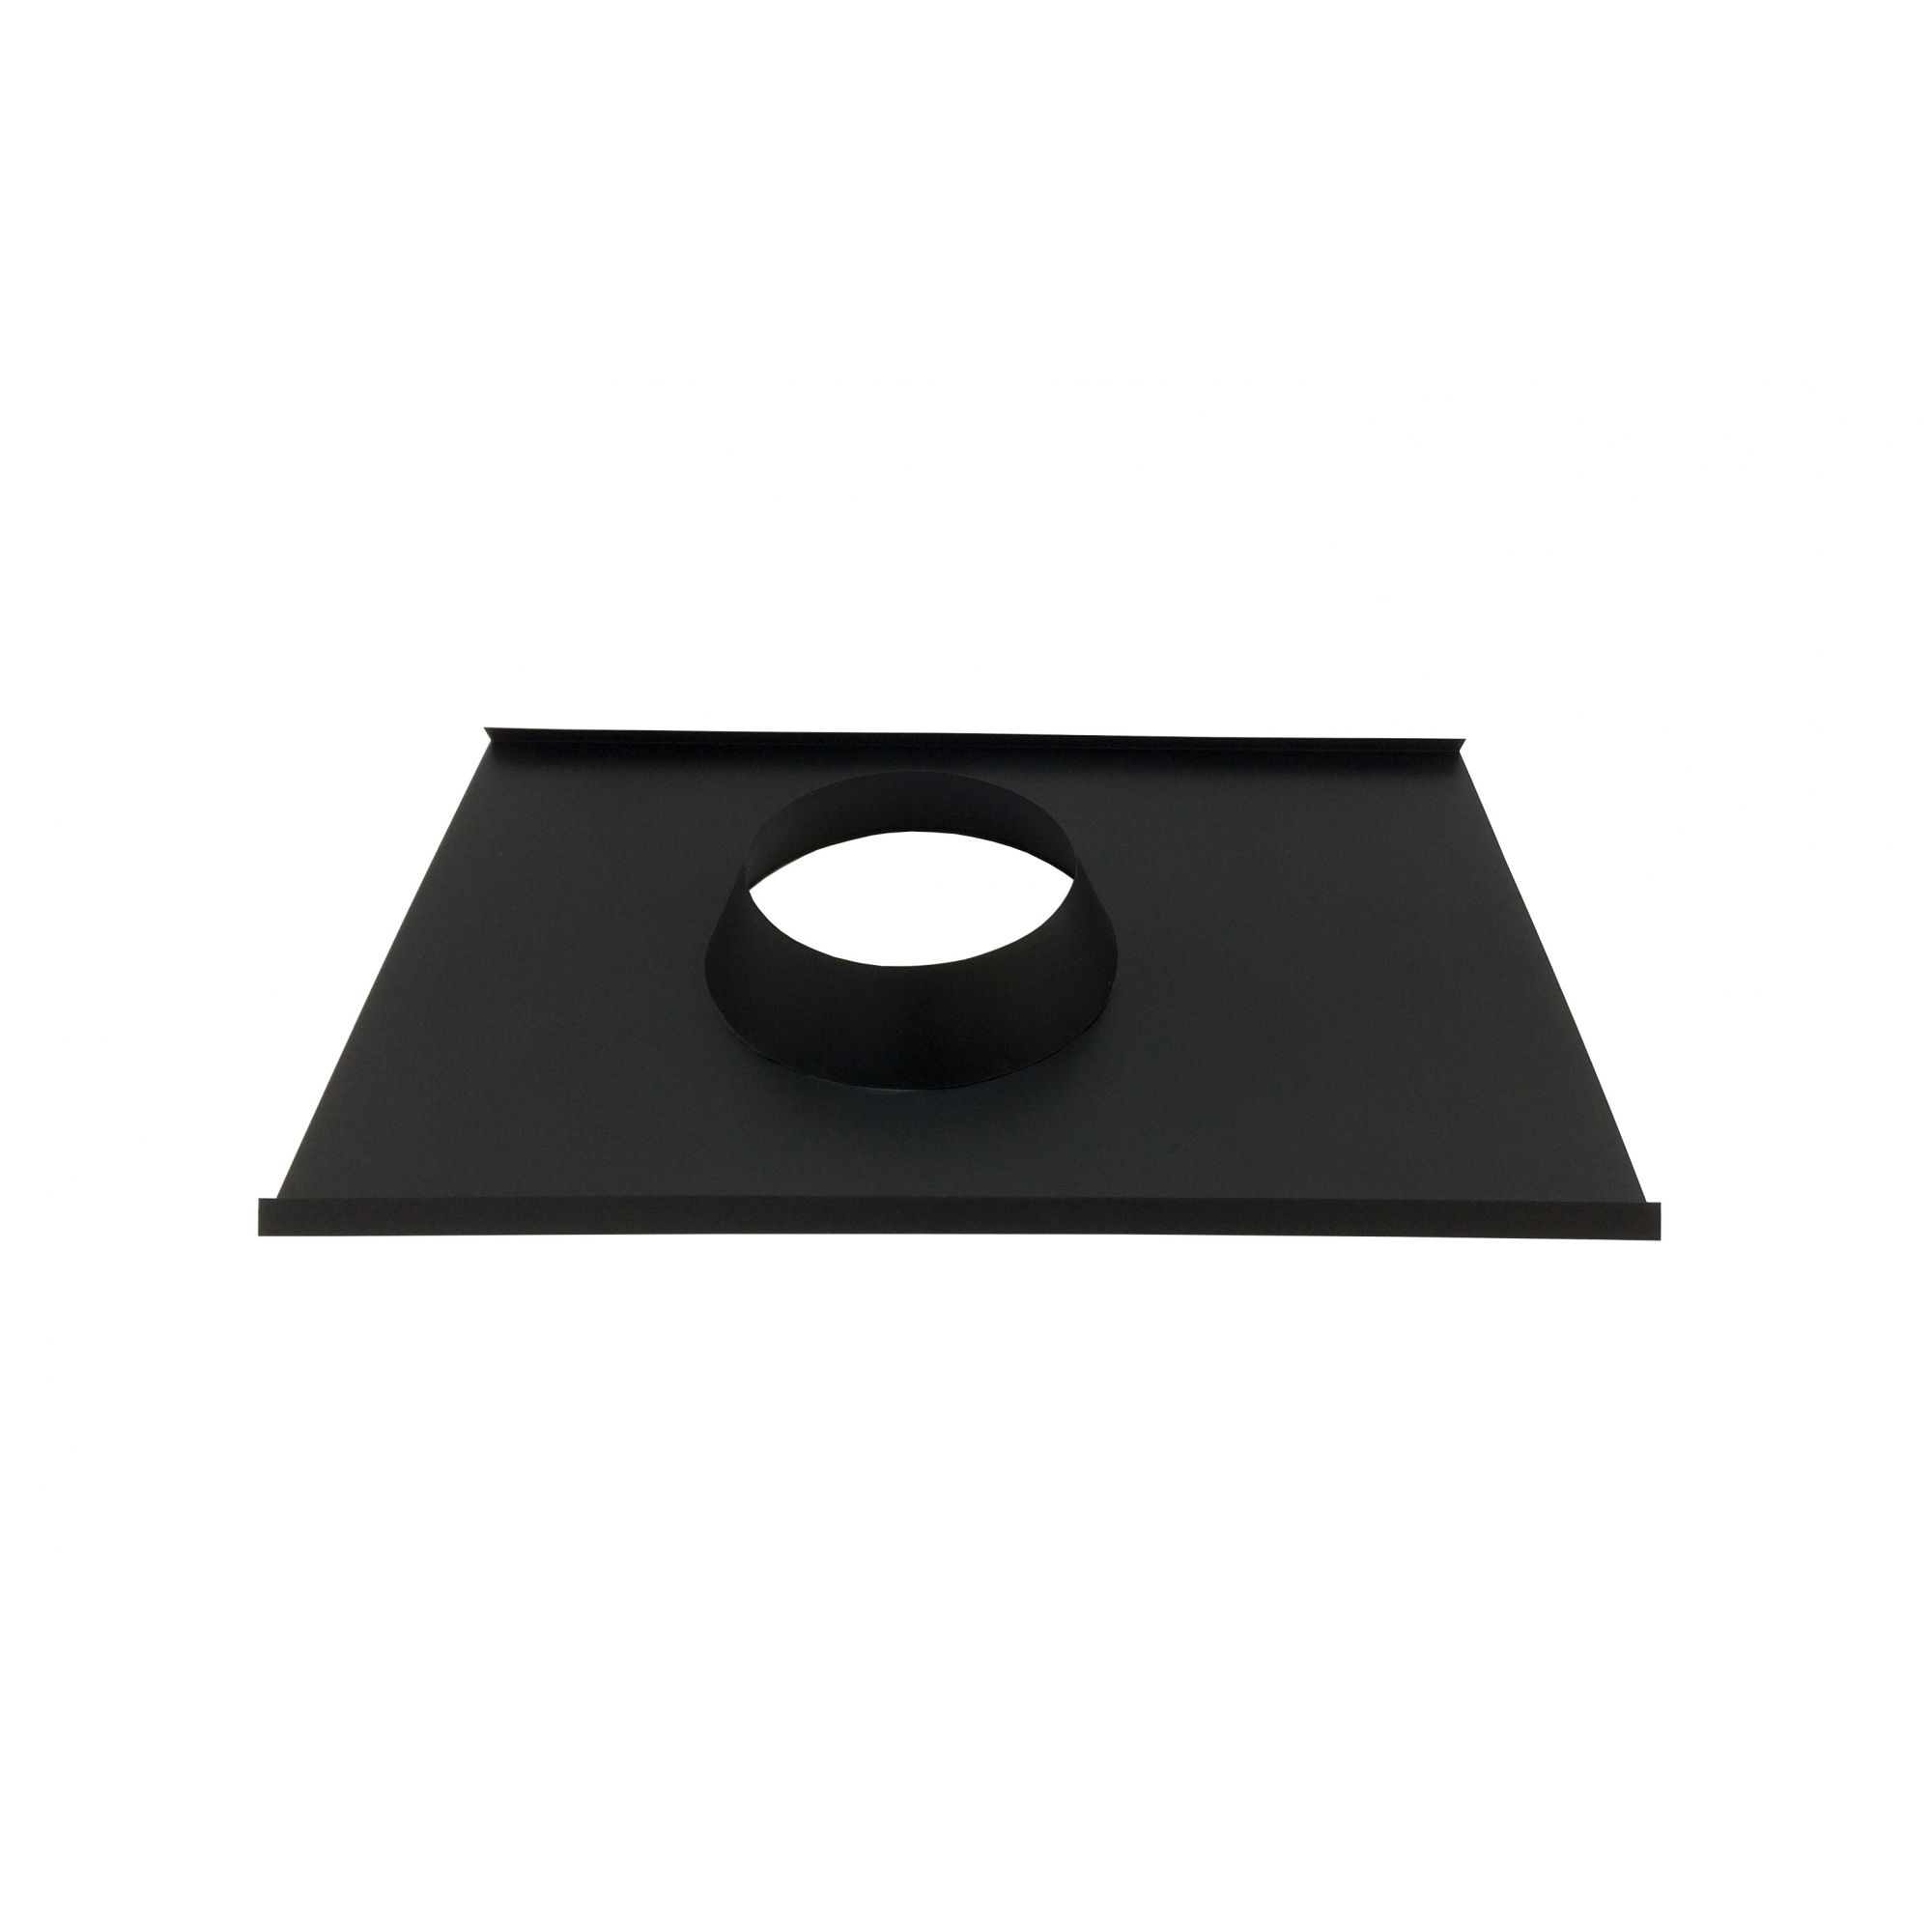 Rufo colarinho de telhado preto para chaminé de 260 mm de diâmetro  - Galvocalhas